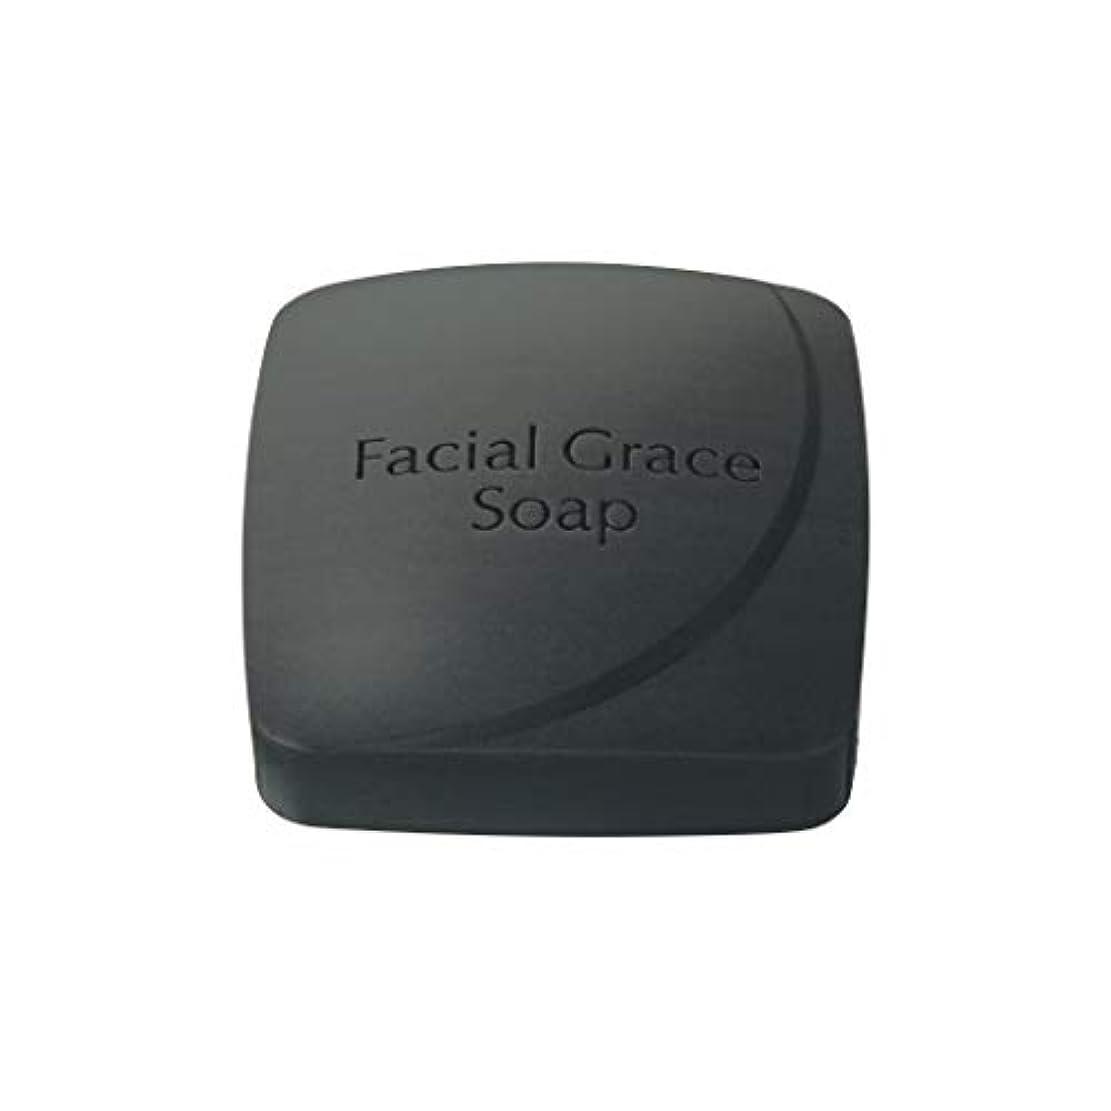 笑サイクロプス何故なのアテニア フェイシャルグレイスソープ 石鹸 洗顔 エイジングケア 100g